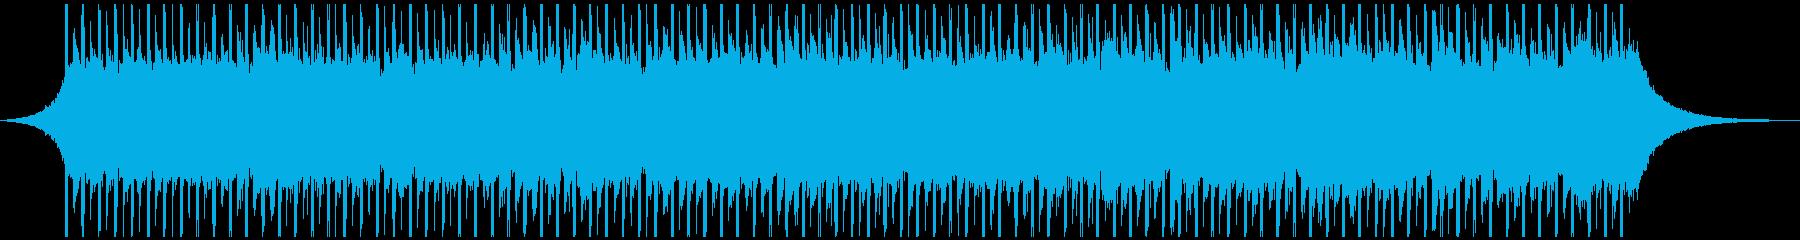 企業の楽観主義(60秒)の再生済みの波形